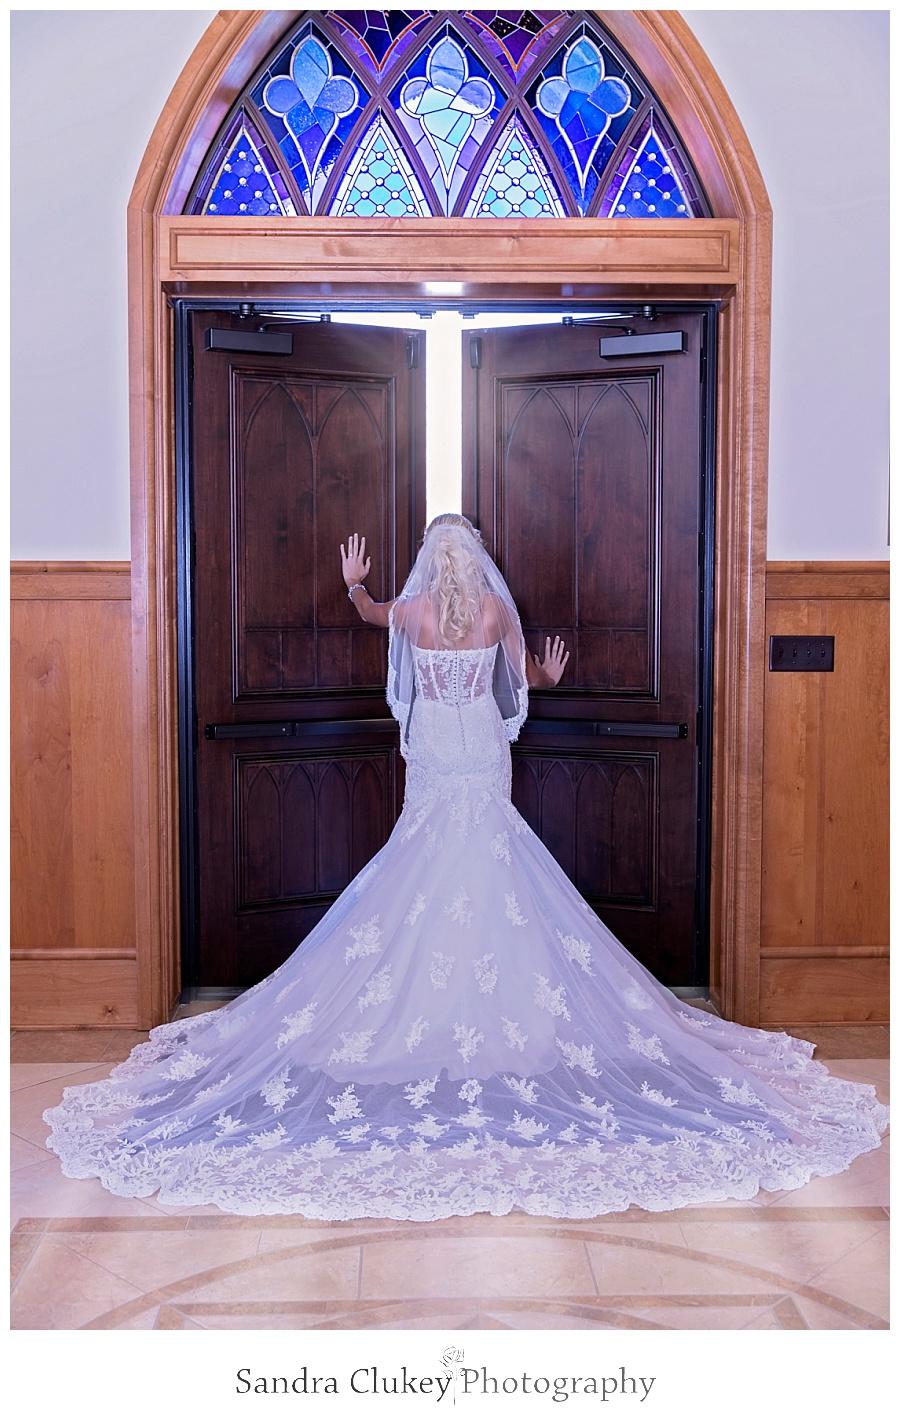 Bride at open church doors